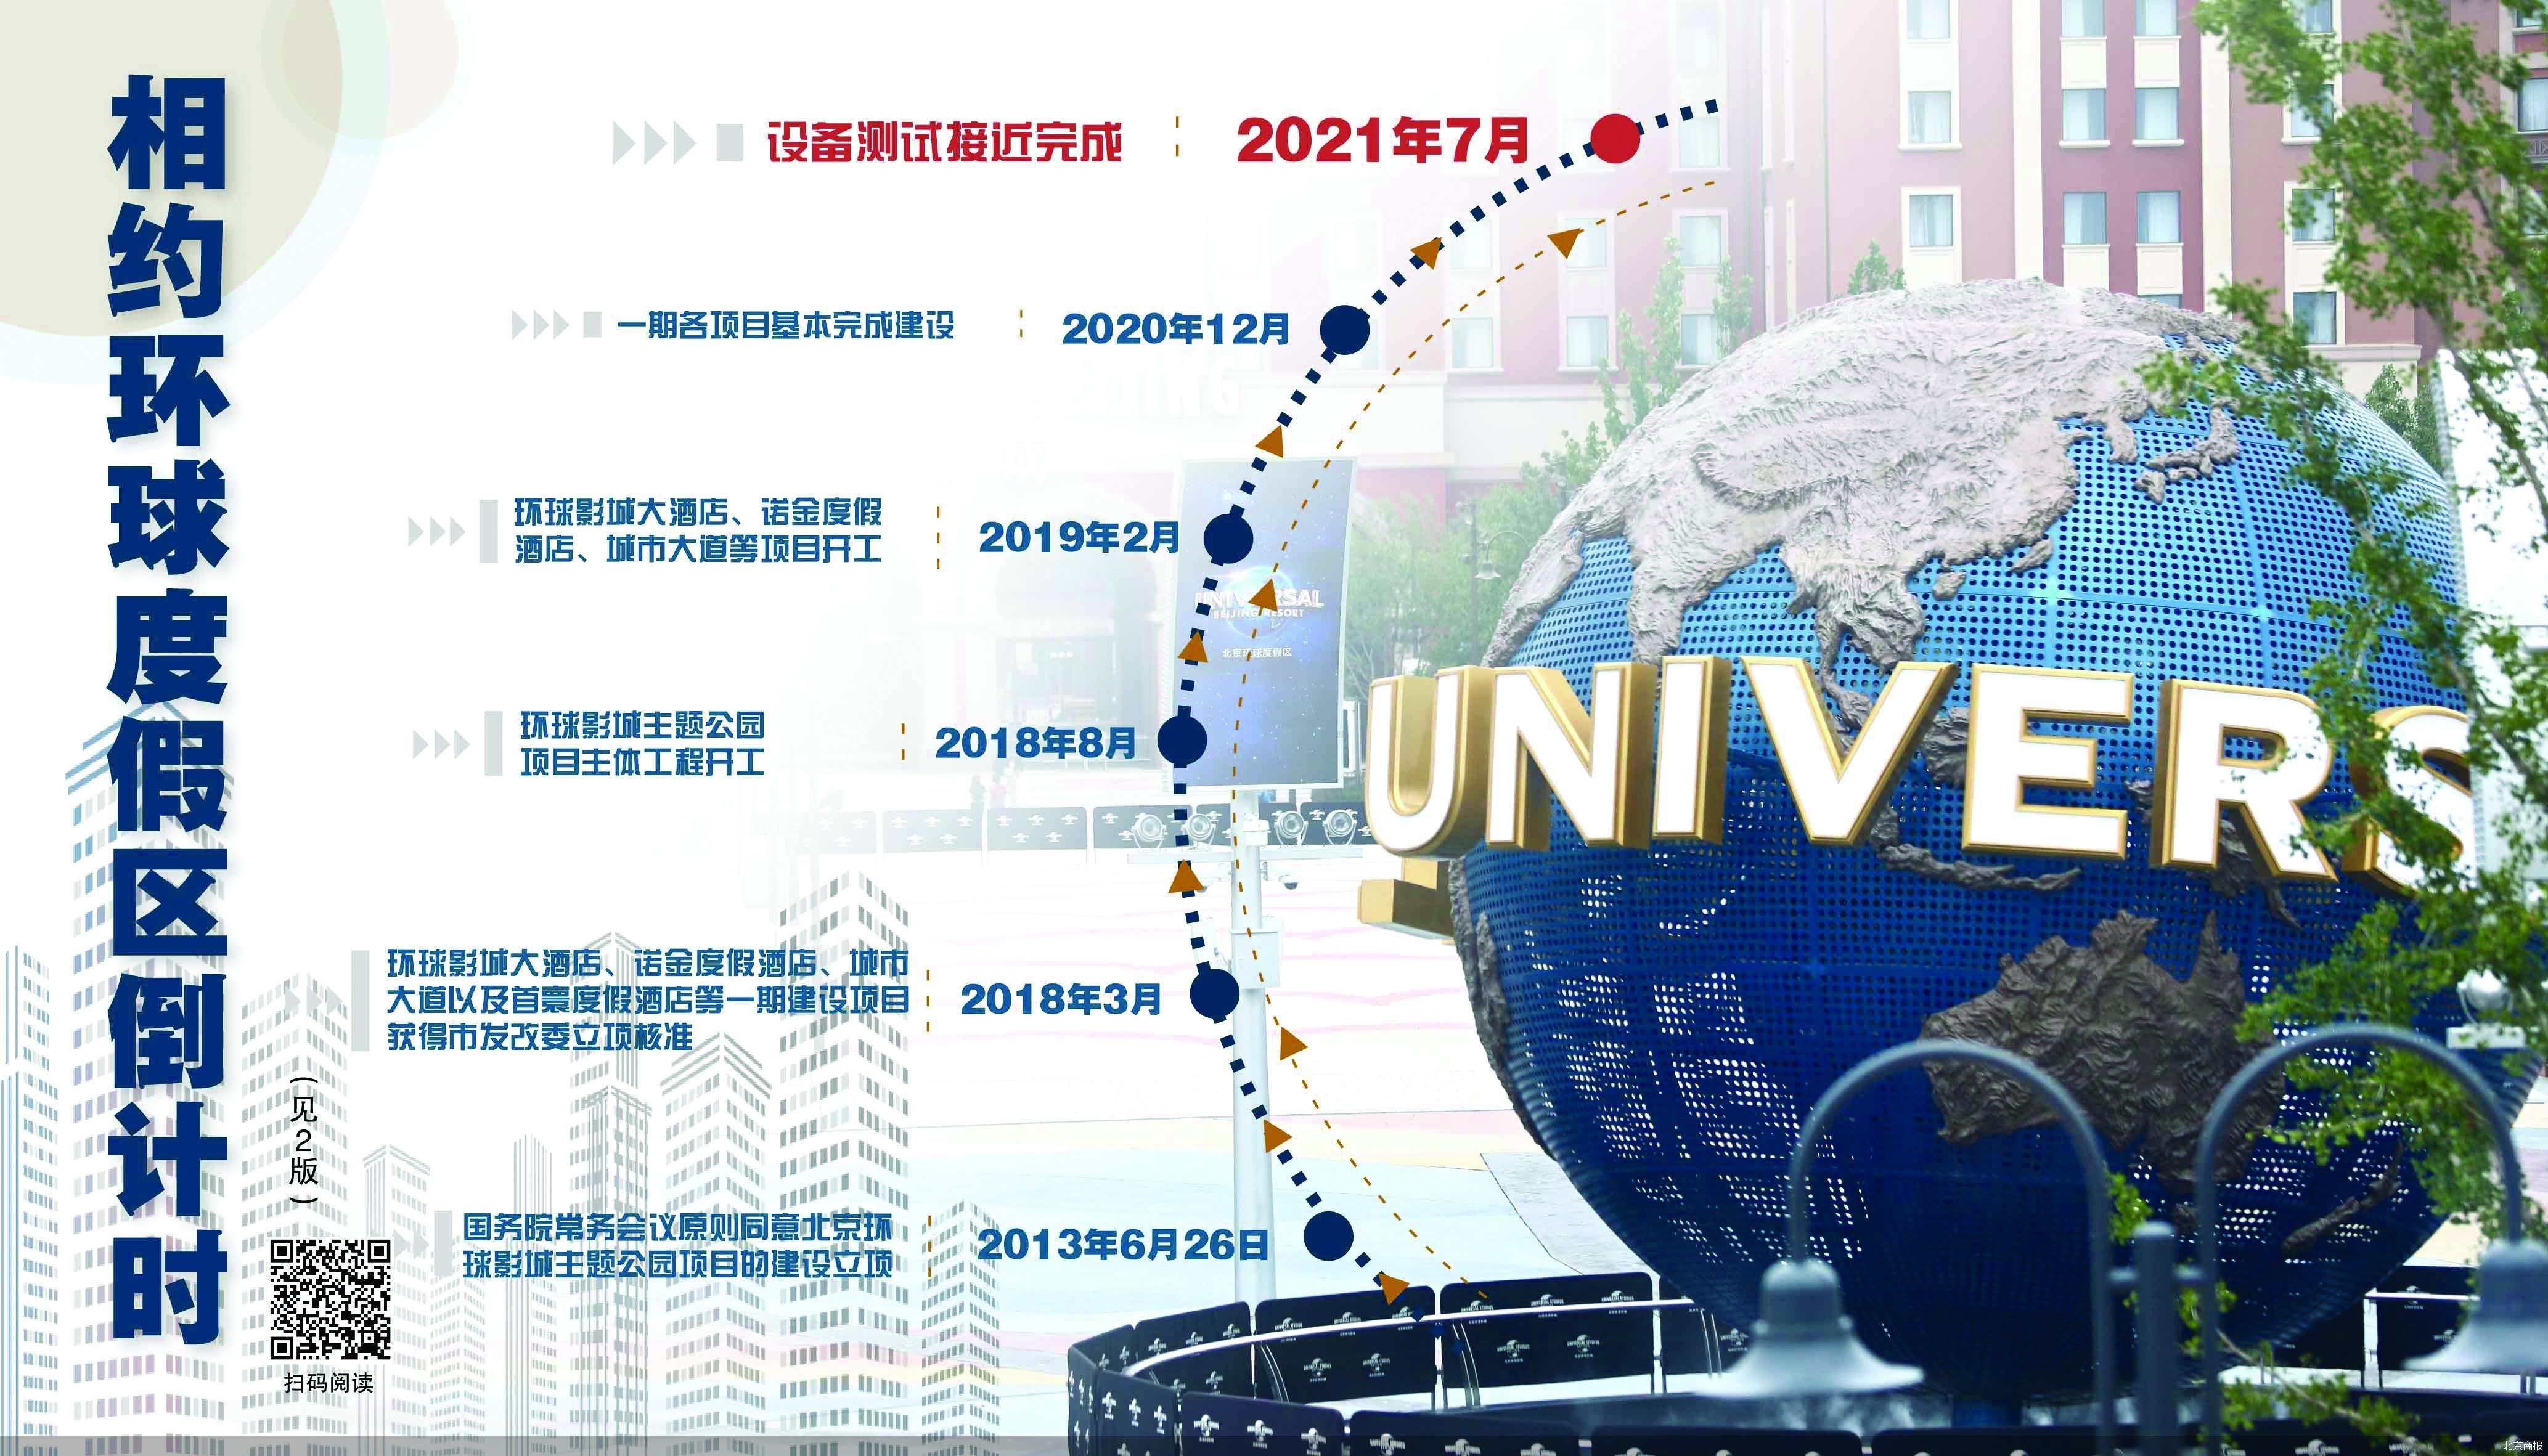 """两台设备世界""""首秀"""" 北京环球度假区试运营倒计时"""